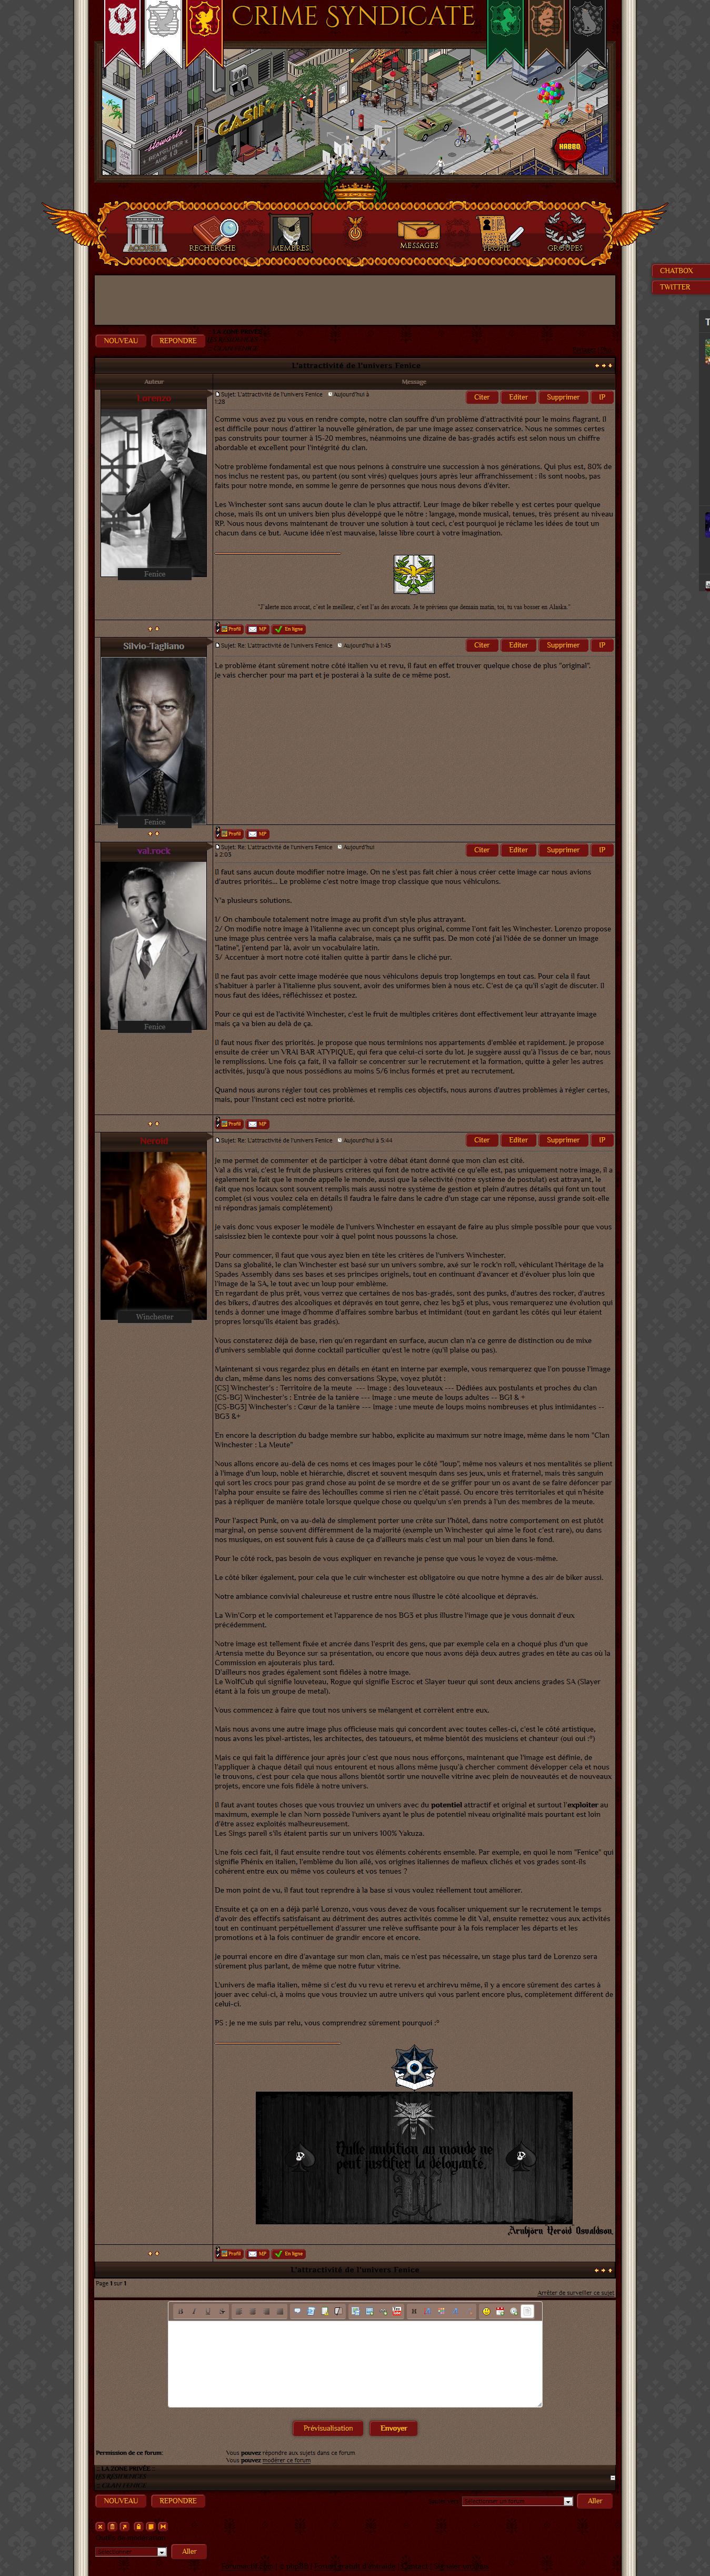 Communiqué du 11.09.2016 - Requiem - Page 2 5915131455598087capture3